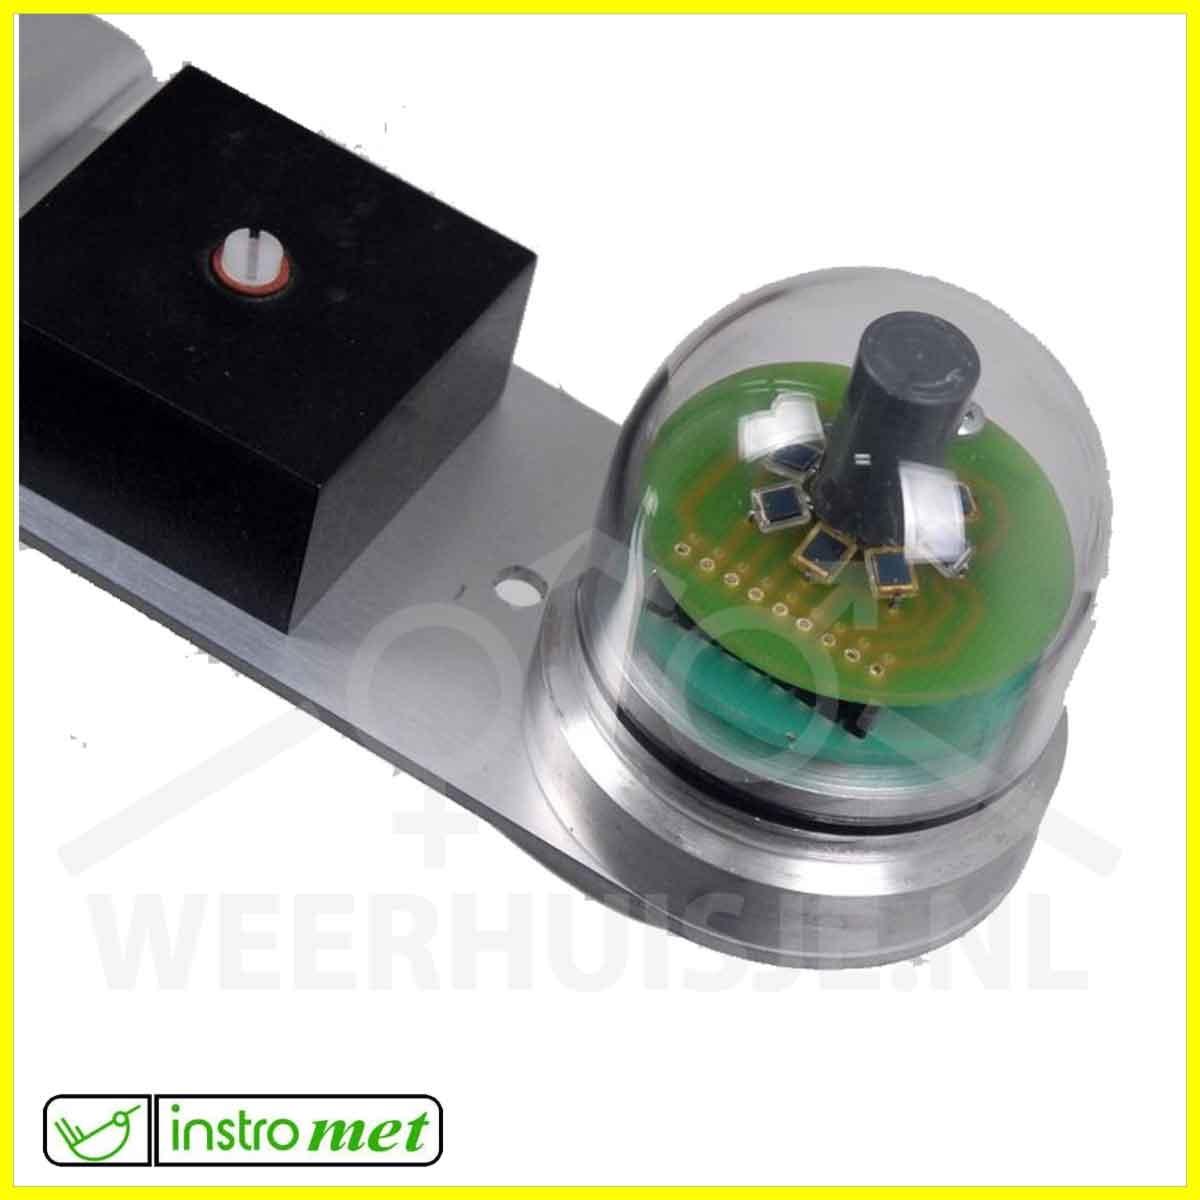 IM-Sun-webmb Instromet zonuren sensor pack